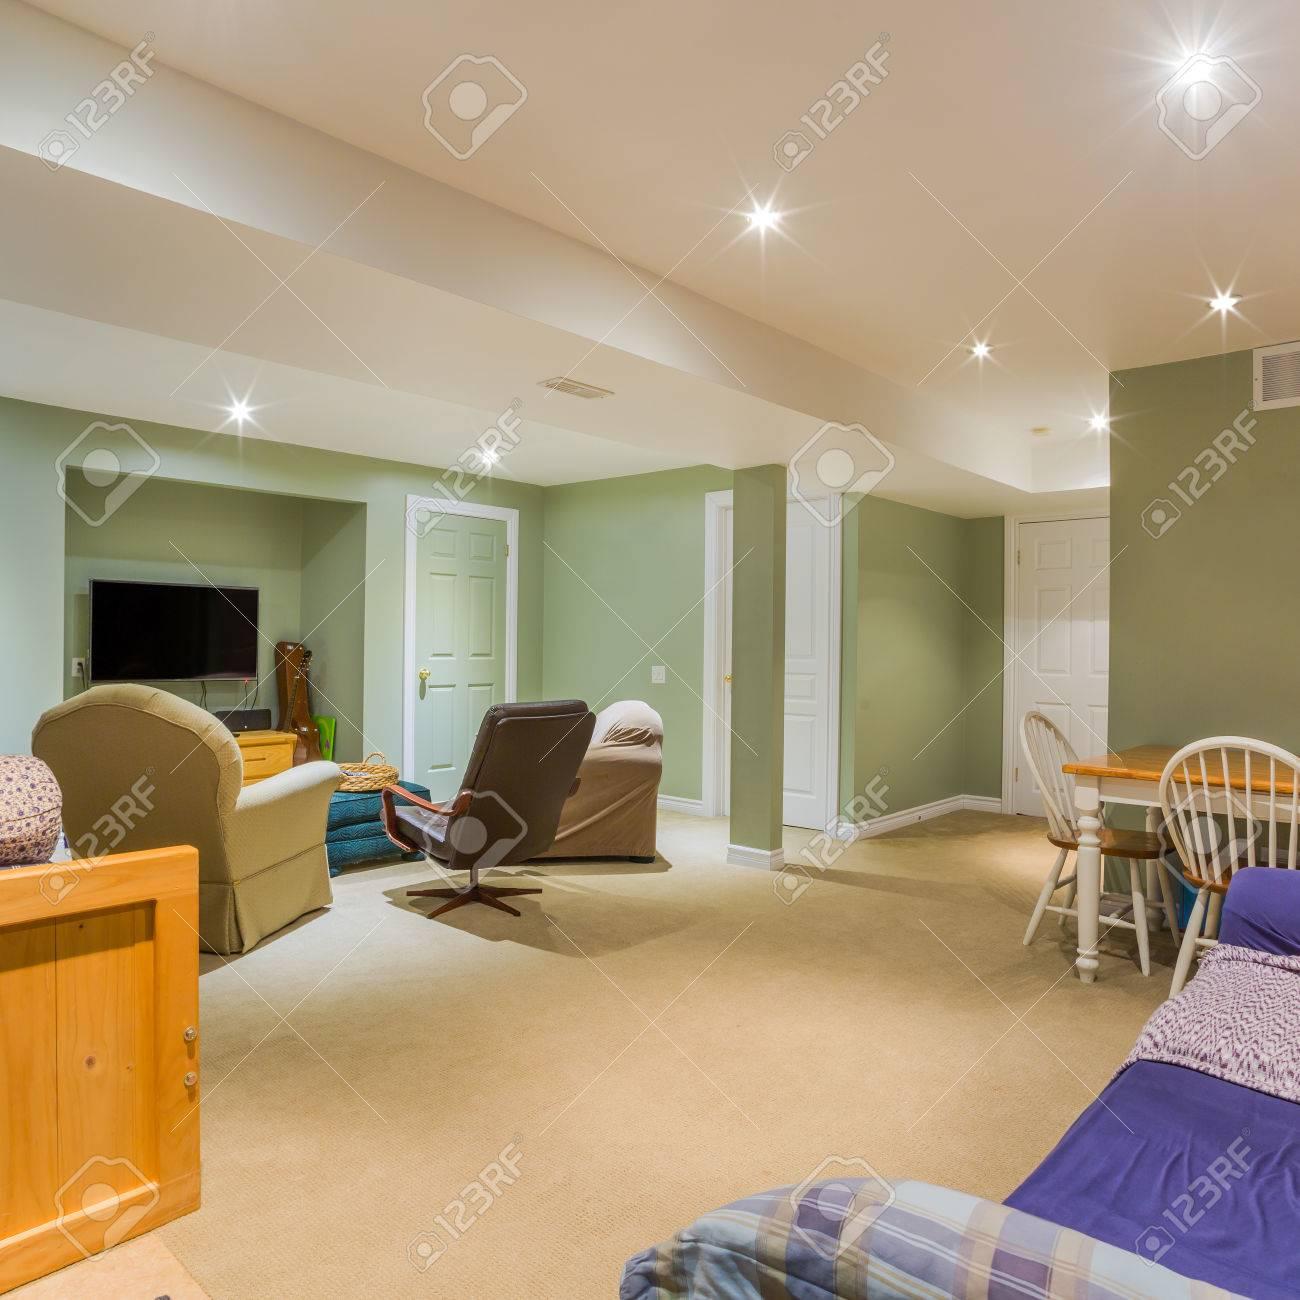 Le Design Intérieur Du Sous-sol Dans Une Maison Neuve Banque D ...